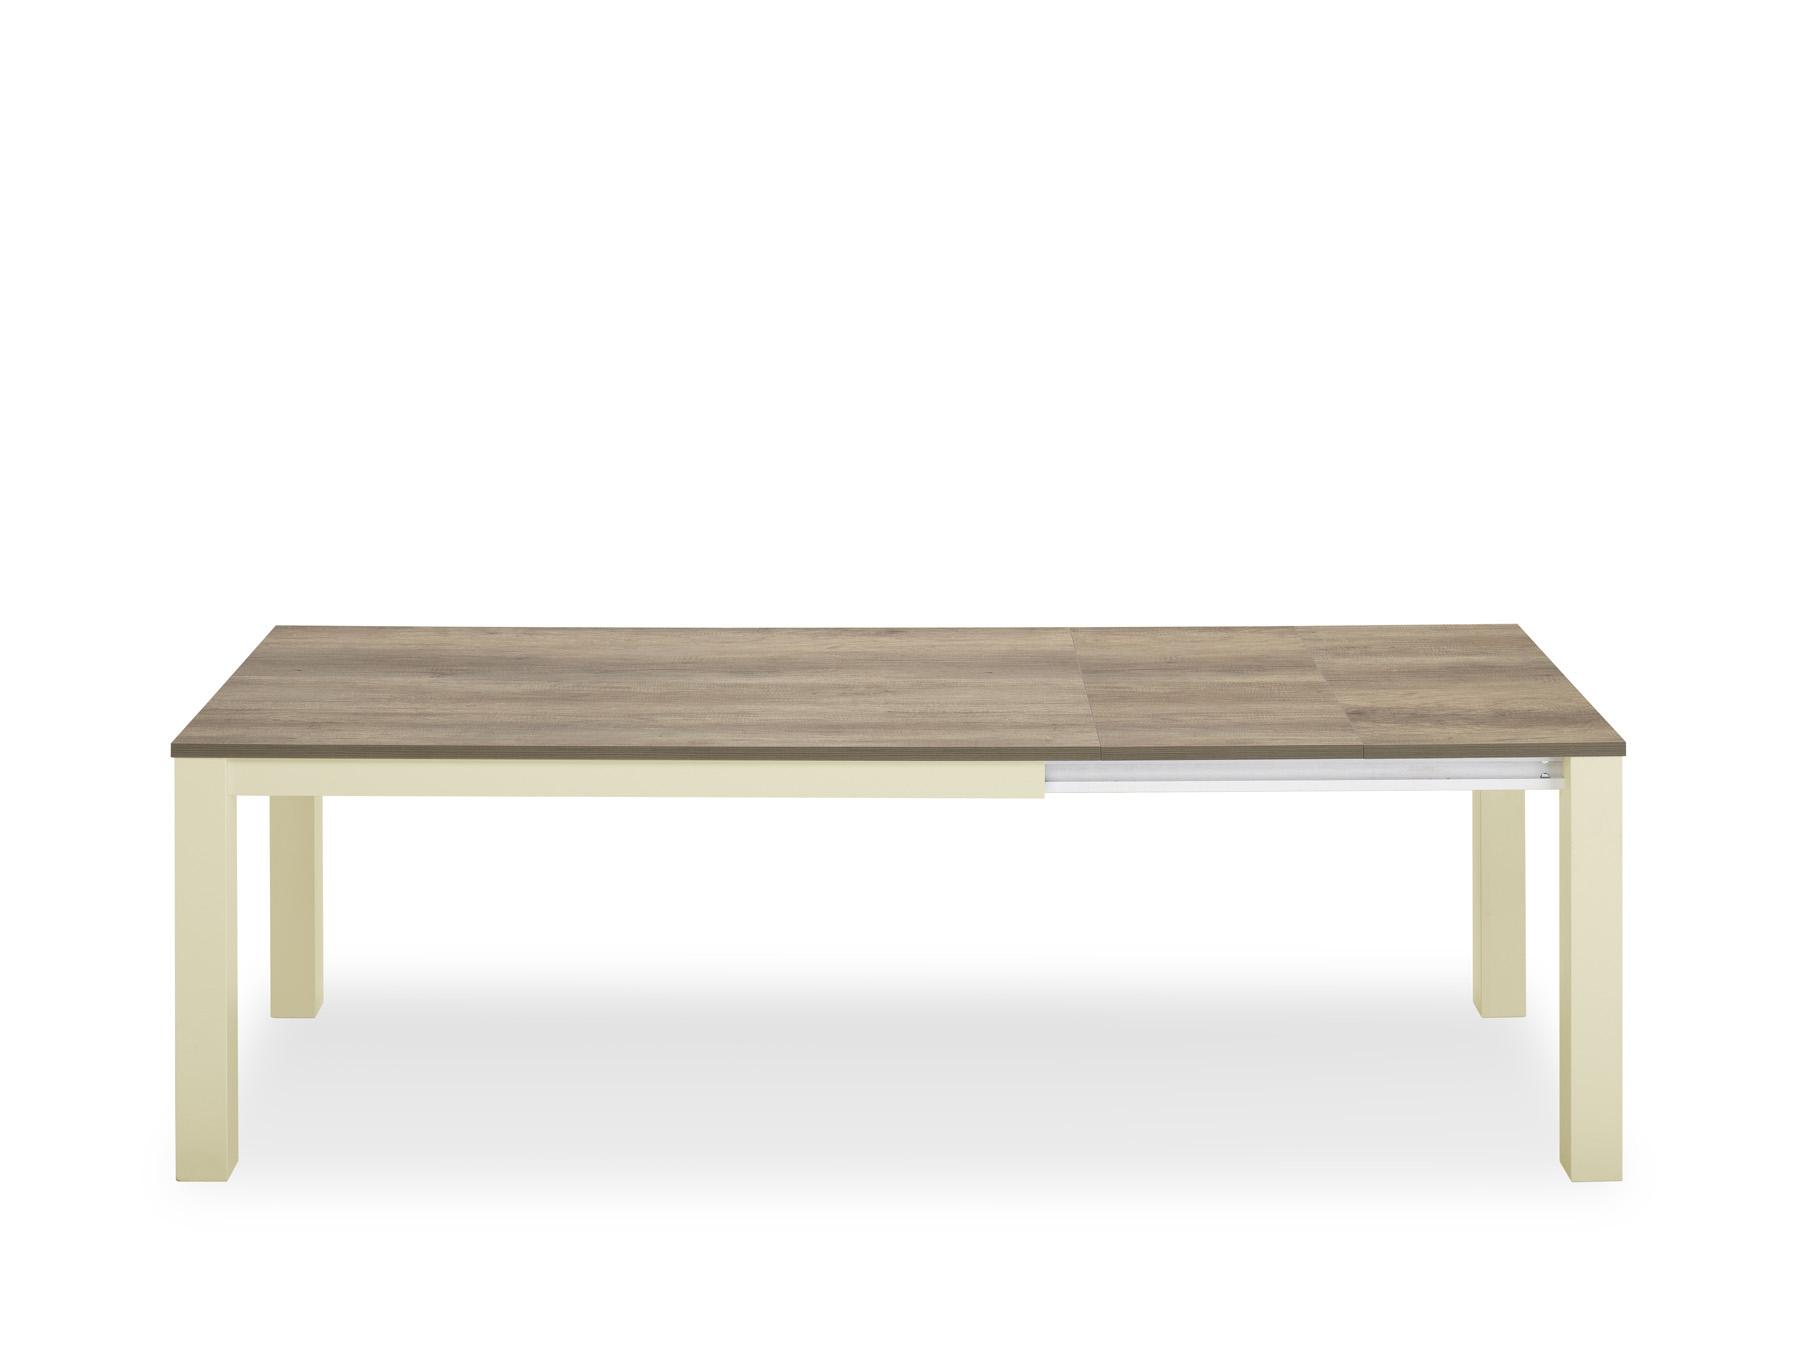 מערכת ישיבה לפינת אוכל ביתילי הכוללת שולחן אוכל דגם מונט וארבעה כסאות דגם מרי - משלוח חינם - תמונה 3